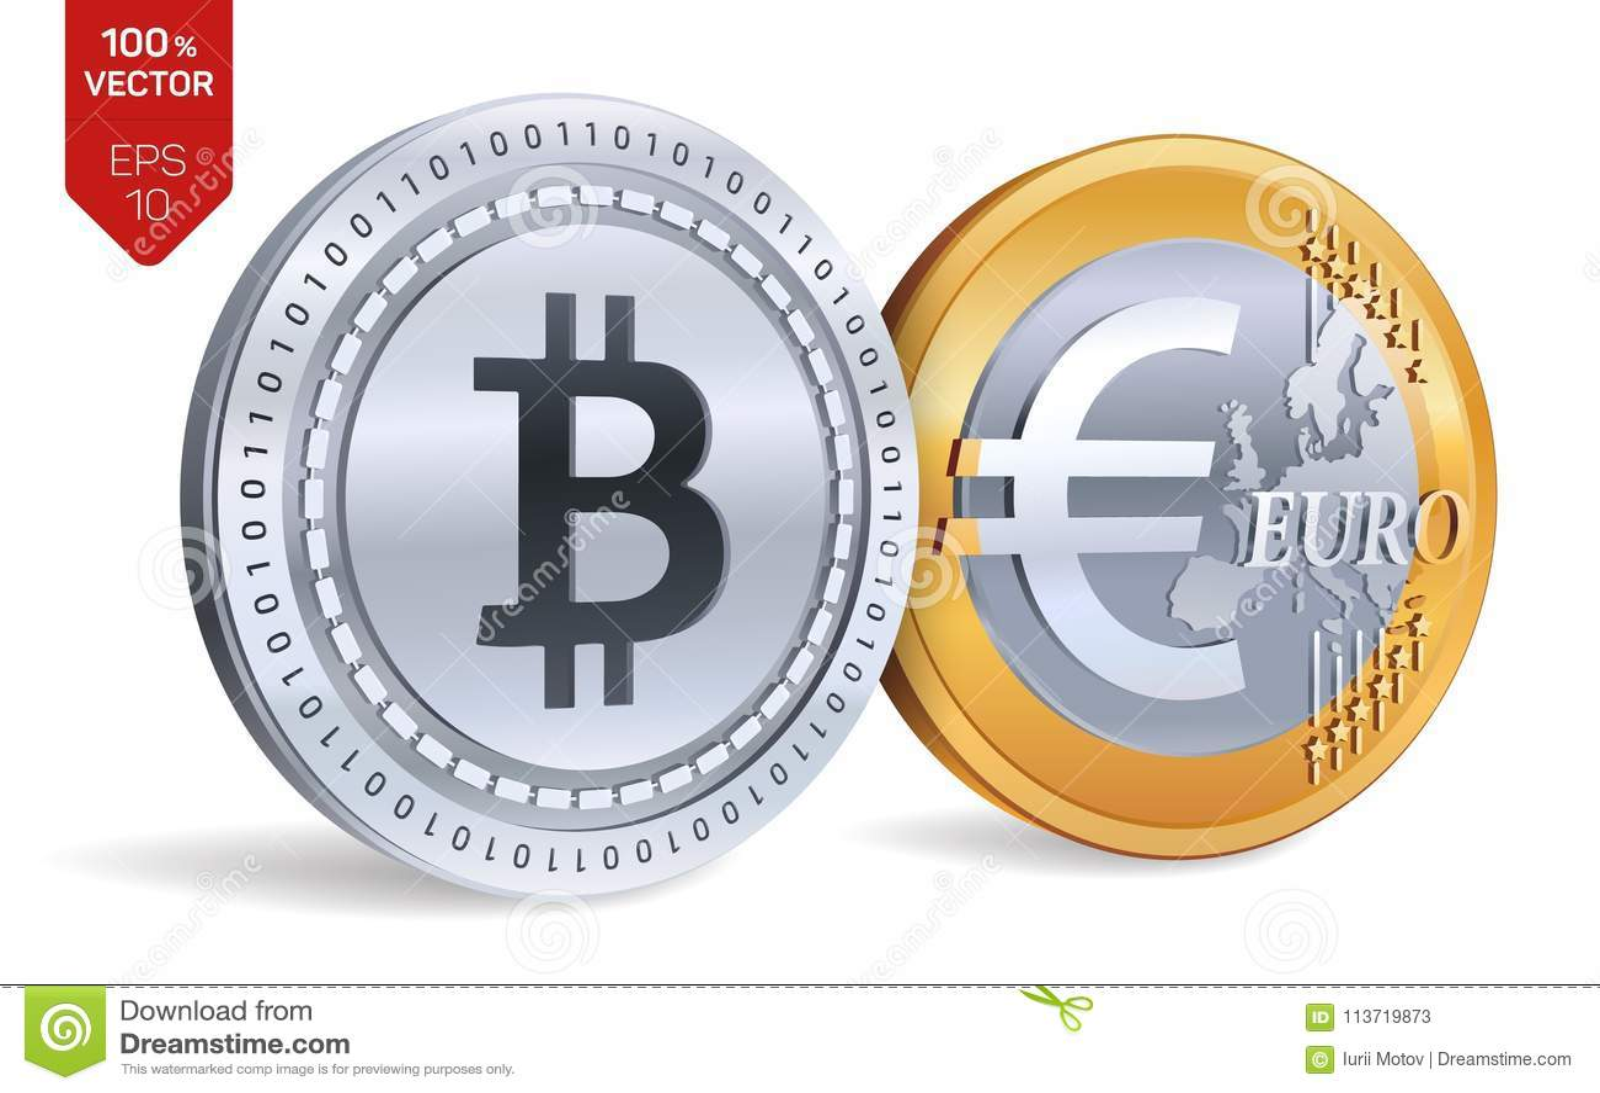 Margherita investe in Bitcoin da 7 anni: Mi sfottevano, ora ho centinaia di migliaia di euro